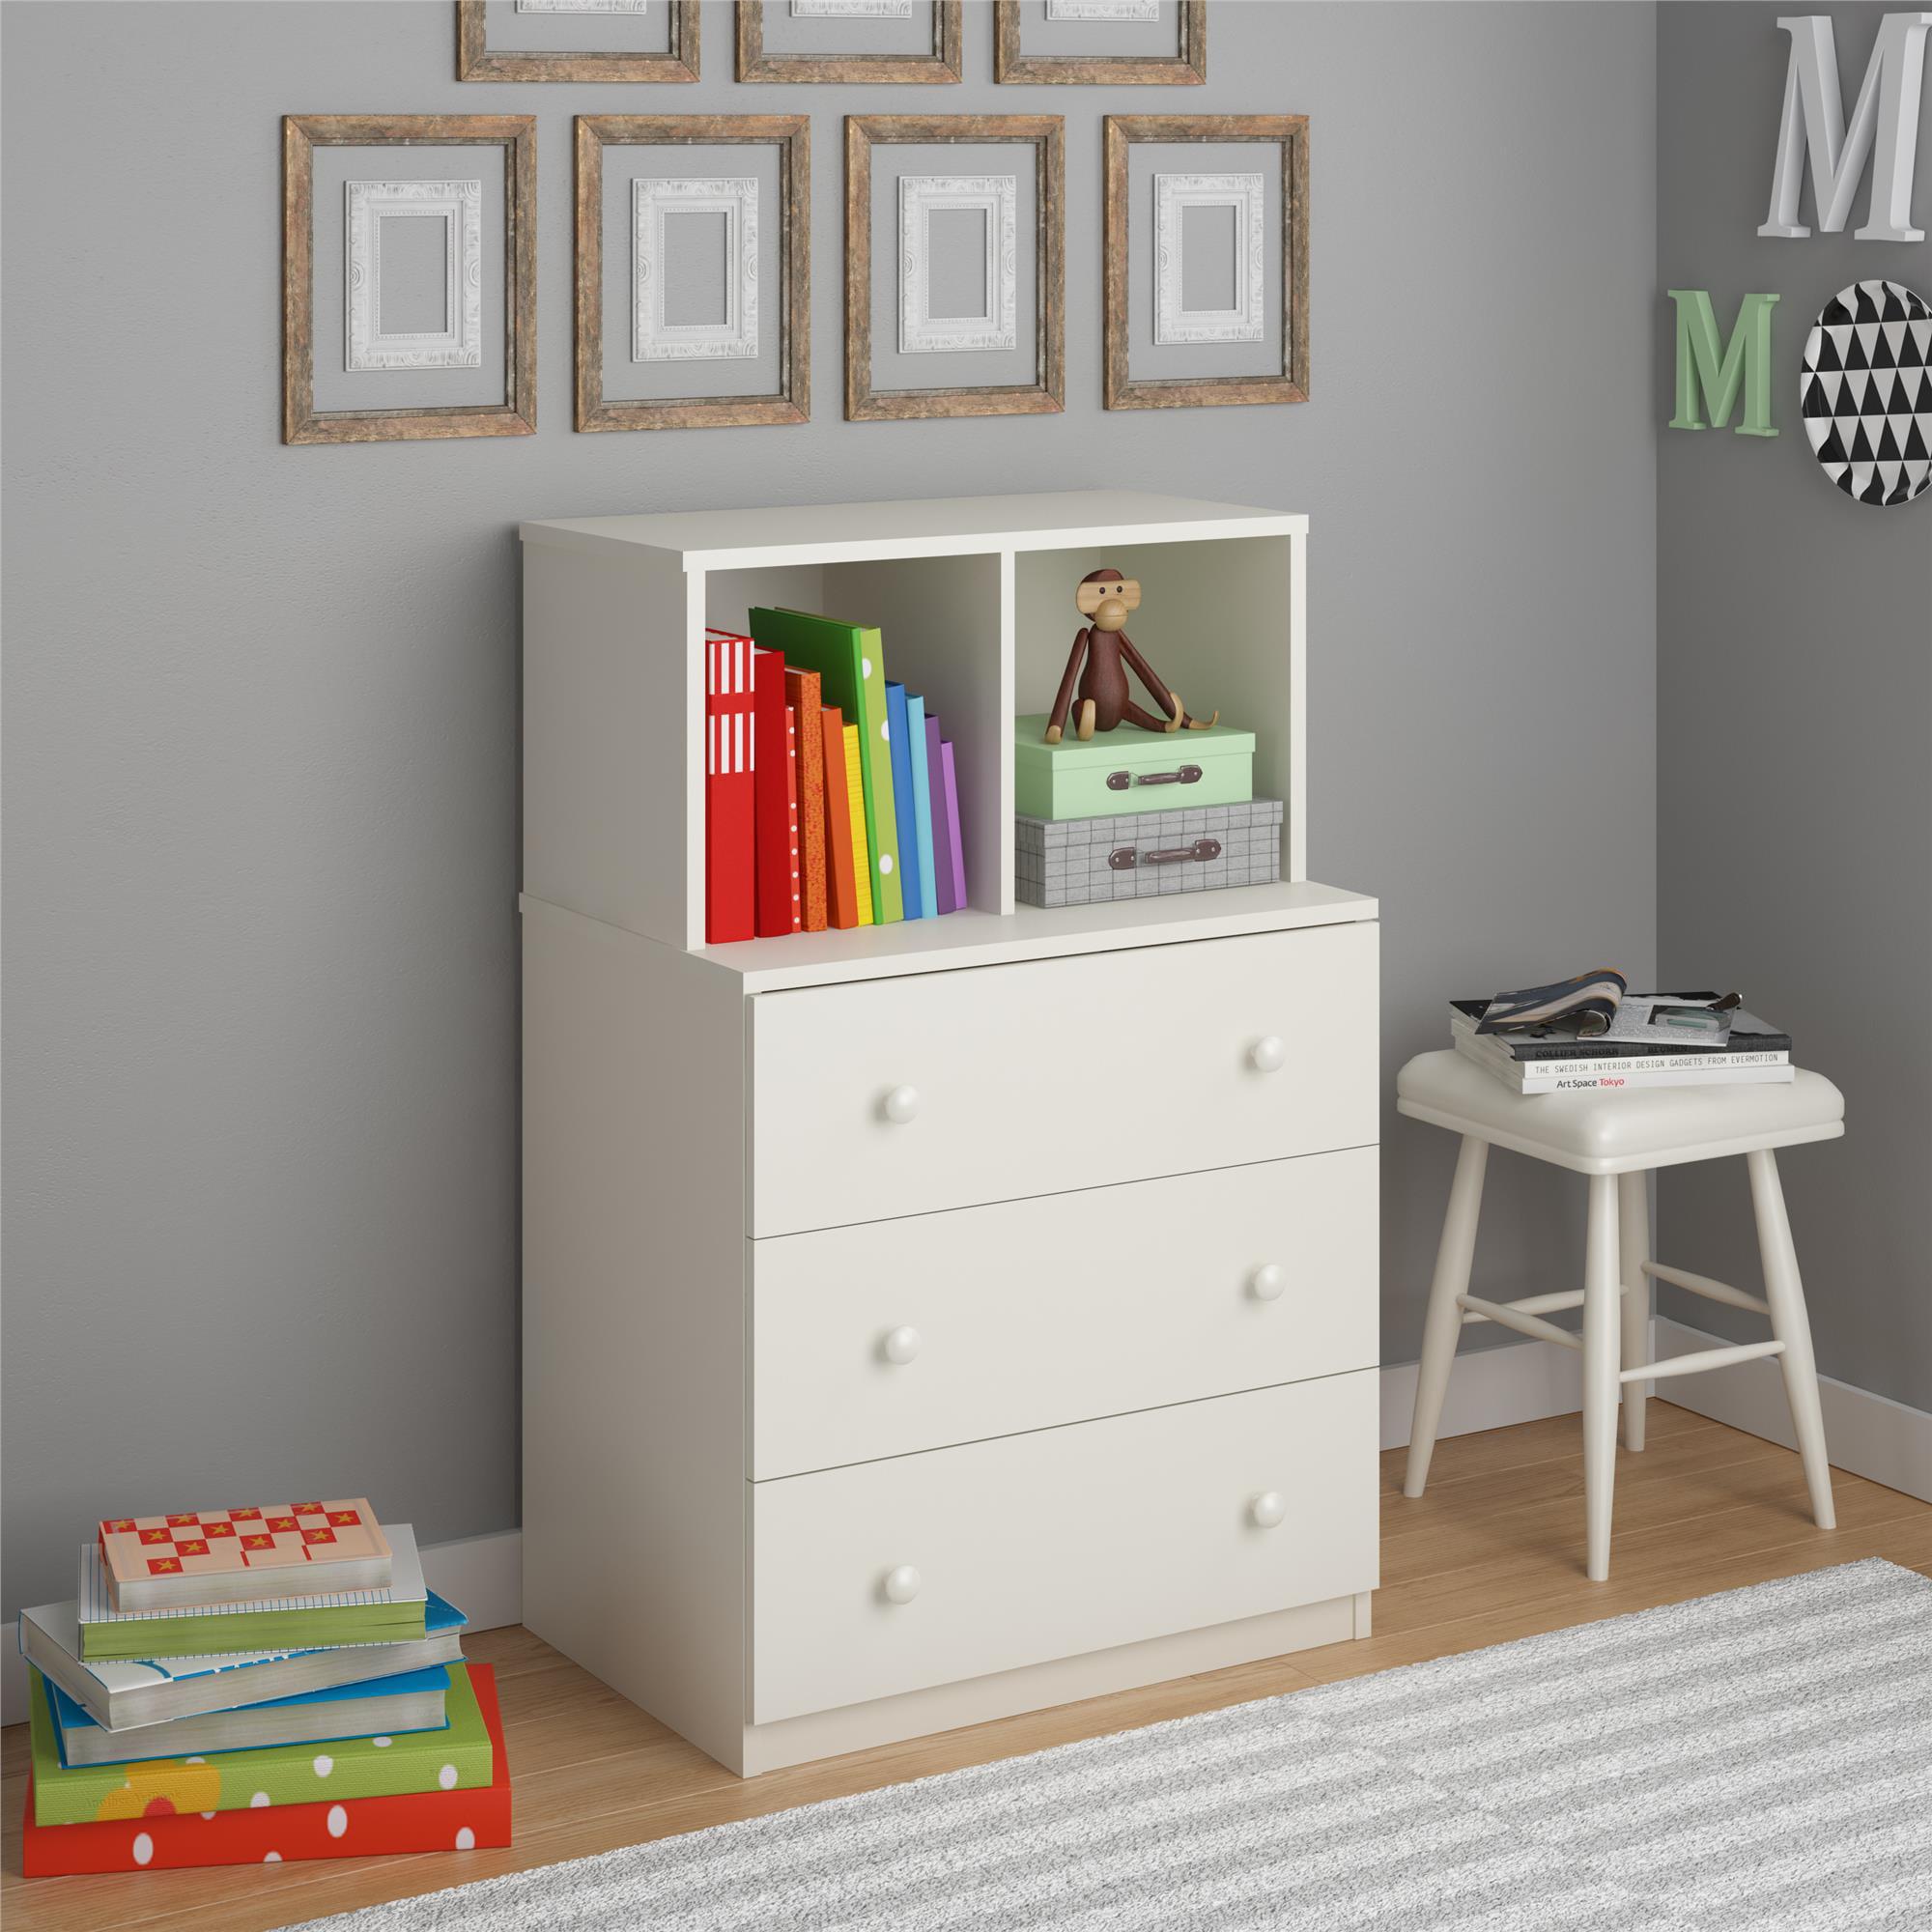 Ameriwood Home Skyler 3 Drawer Dresser with Cubbies, Multiple